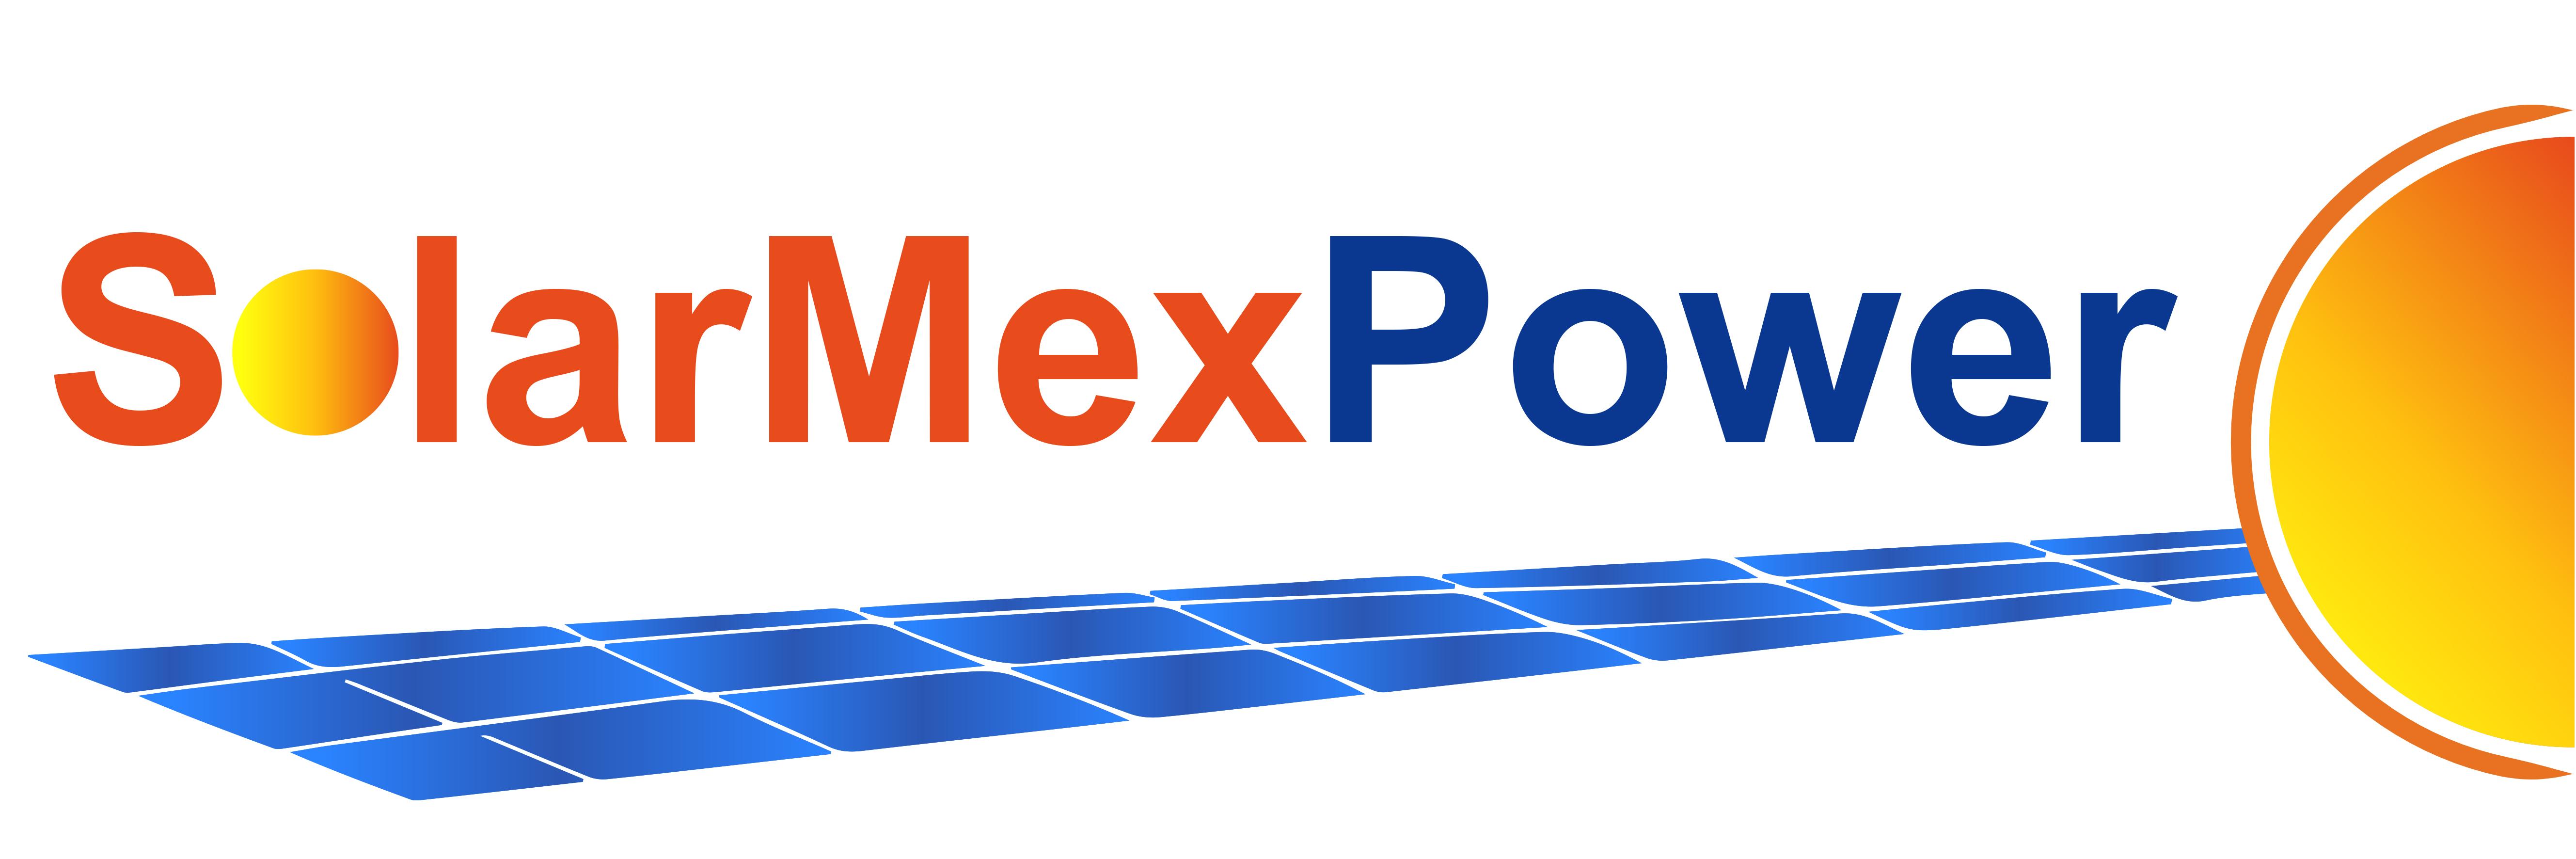 SolarMex Power - Sistemas Fotovoltaicos